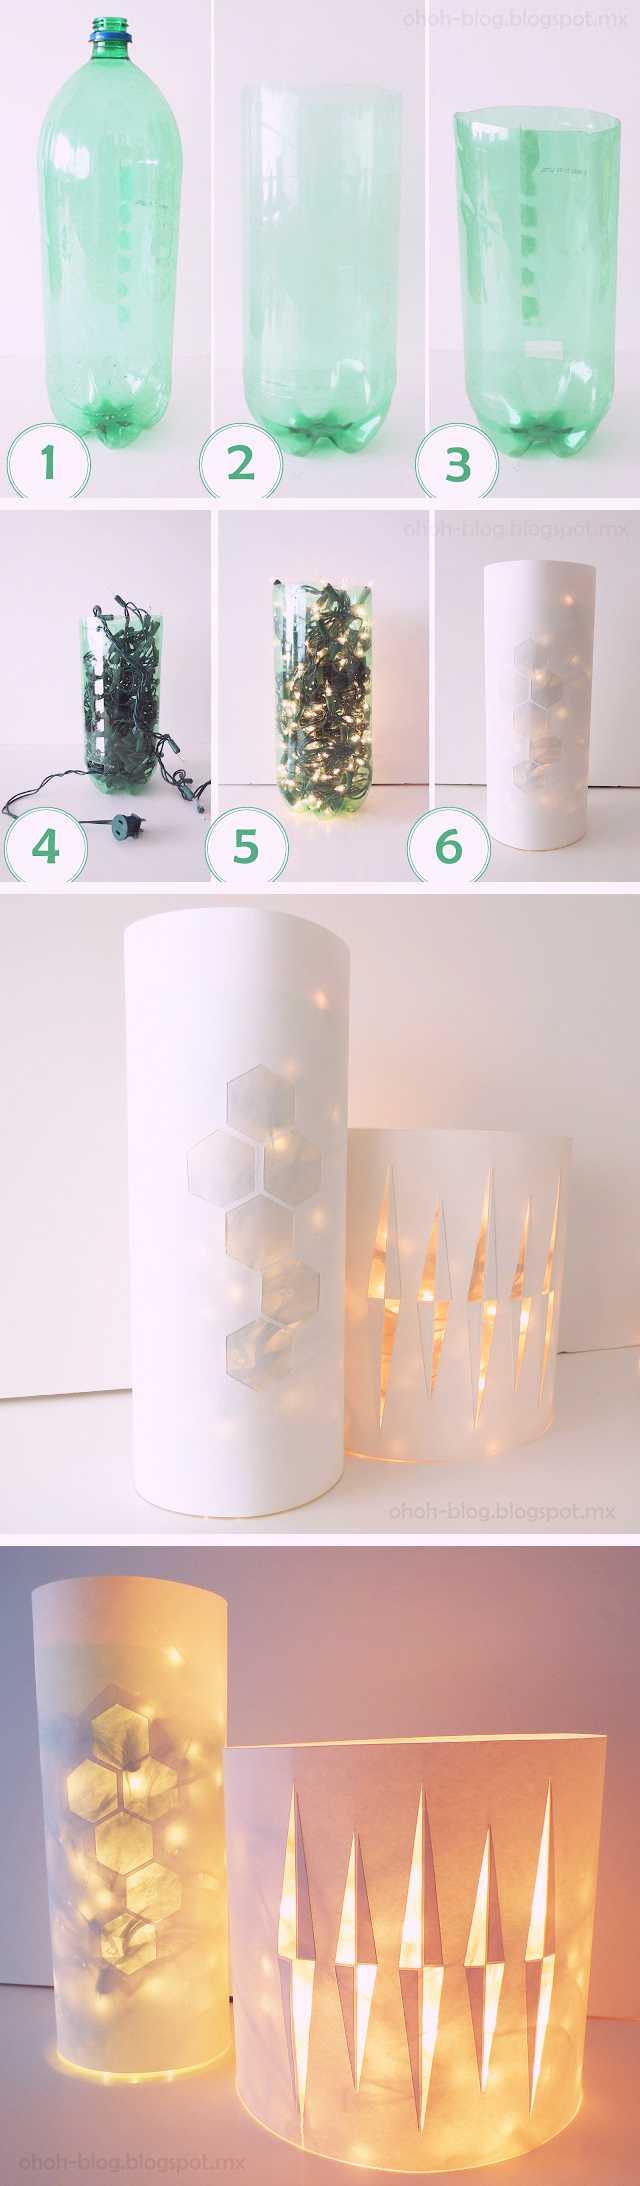 Hướng dẫn làm đèn trang trí